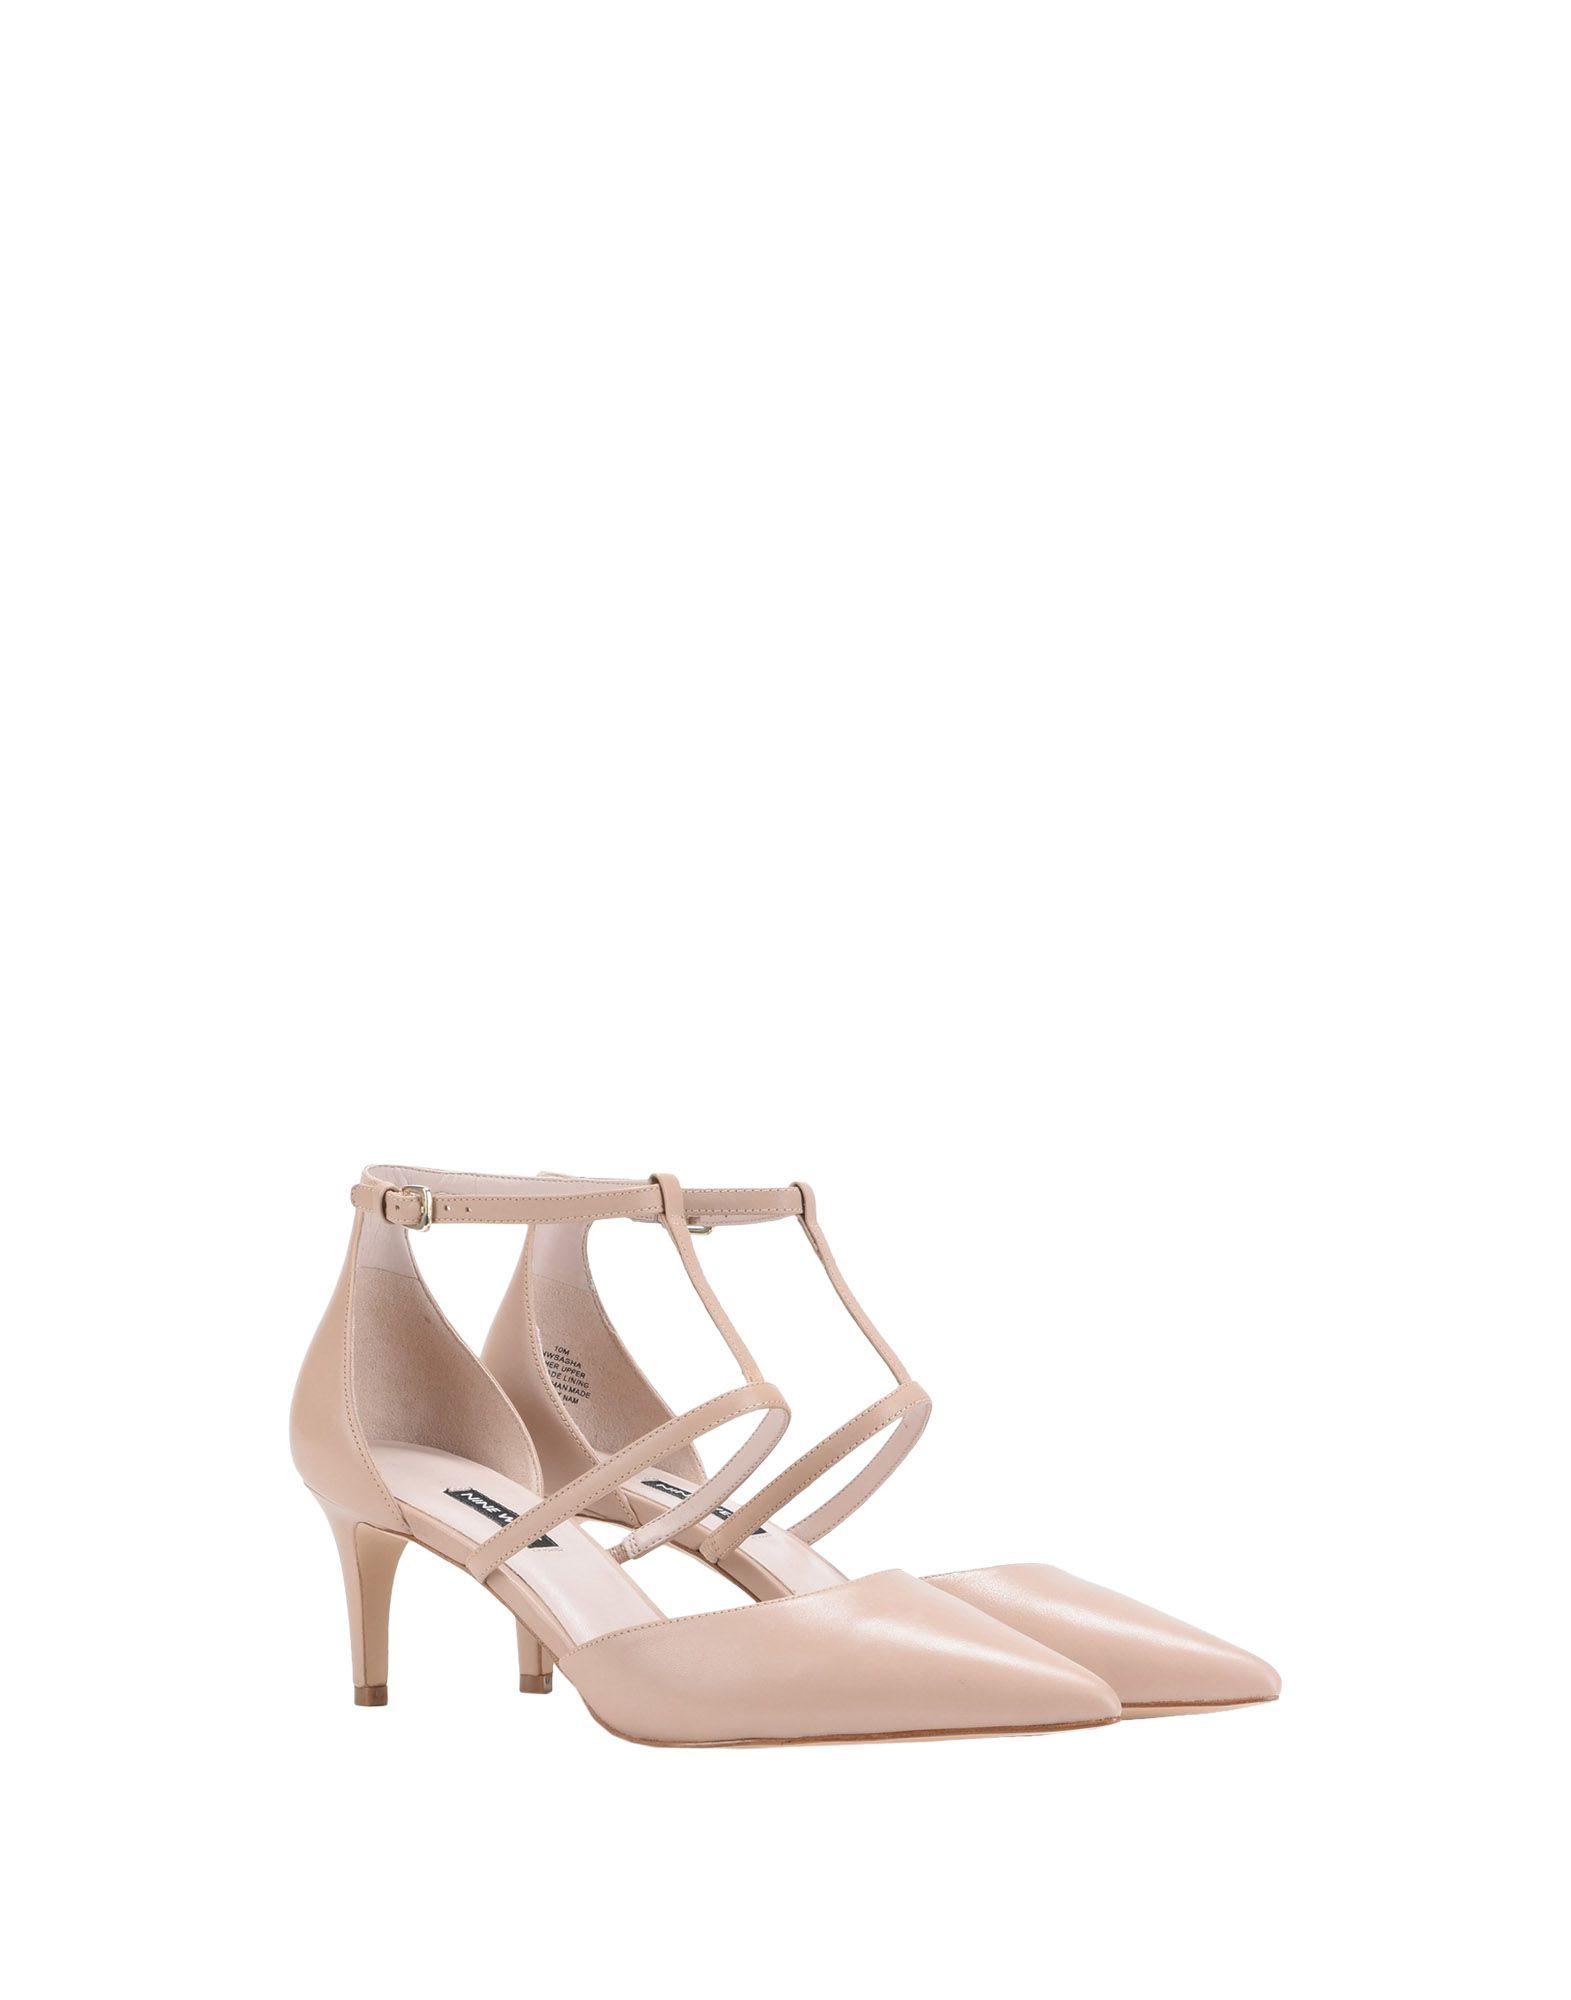 Nine West Sasha  11490104SN 11490104SN 11490104SN Gute Qualität beliebte Schuhe c367c8